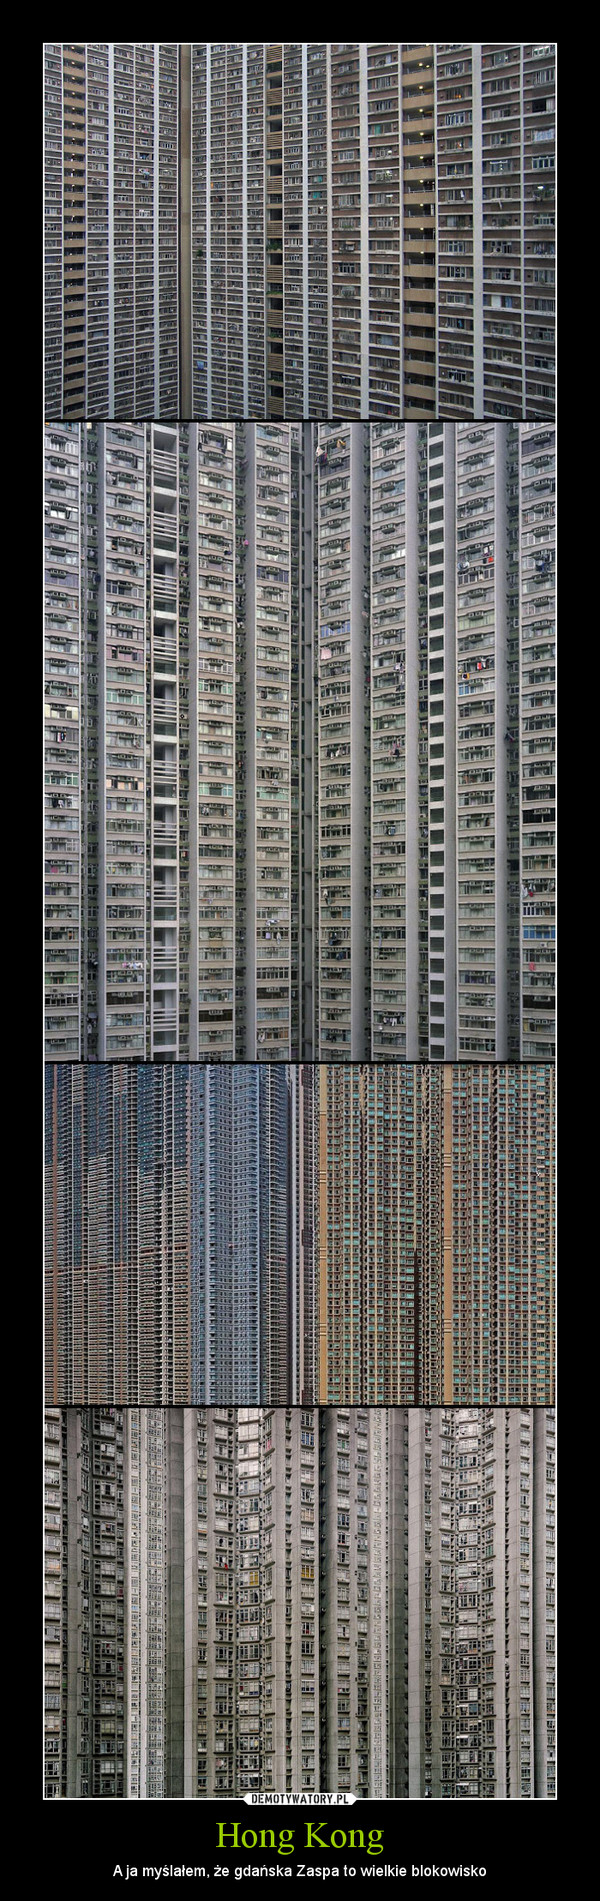 Hong Kong – A ja myślałem, że gdańska Zaspa to wielkie blokowisko